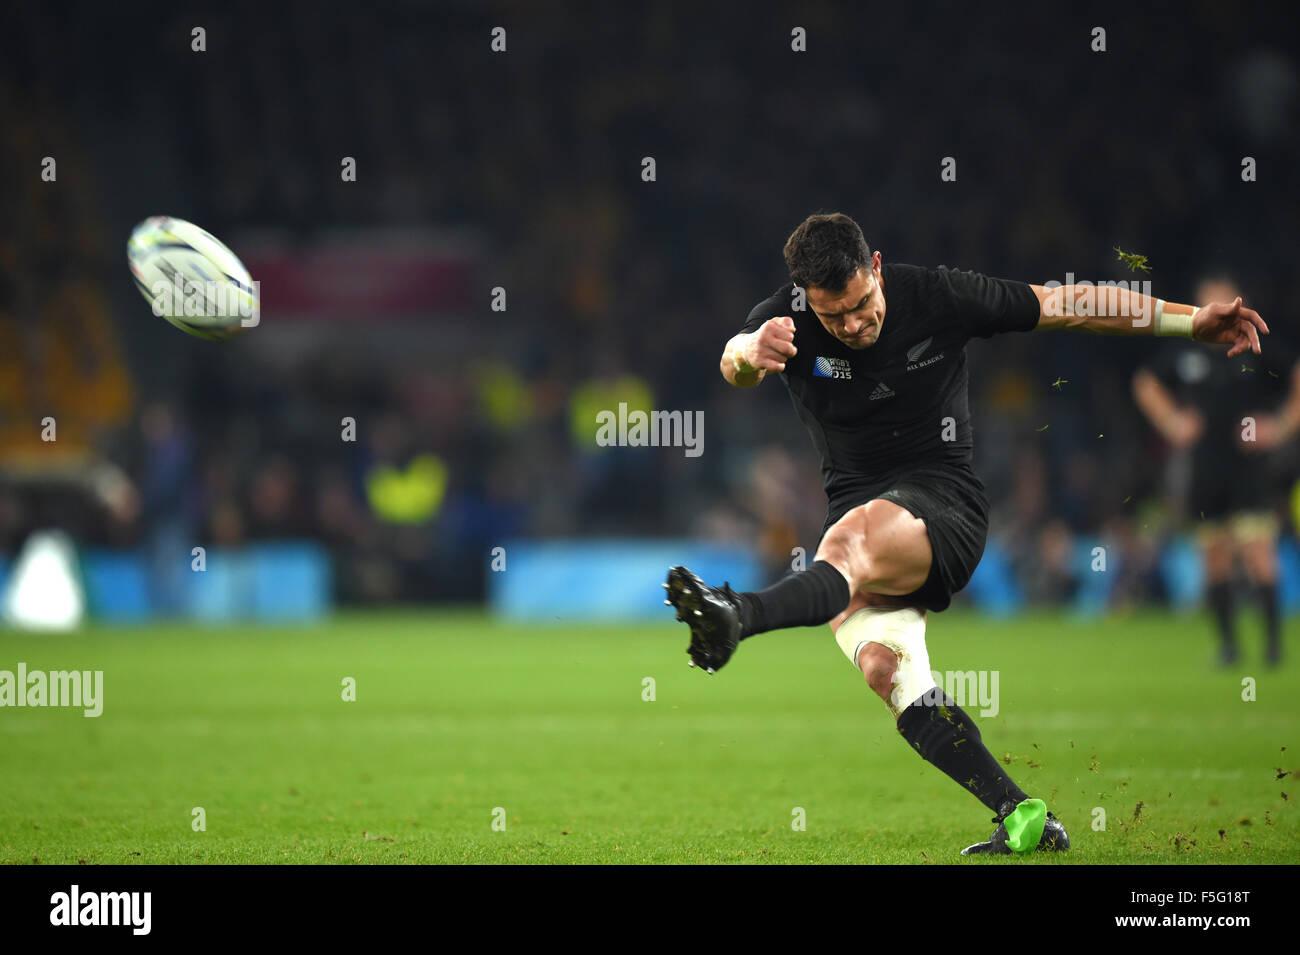 Londres, Reino Unido. 31 Oct, 2015. Dan Carter (NZL) Rugby : Dan Carter de Nueva Zelanda lleva una patada durante Imagen De Stock